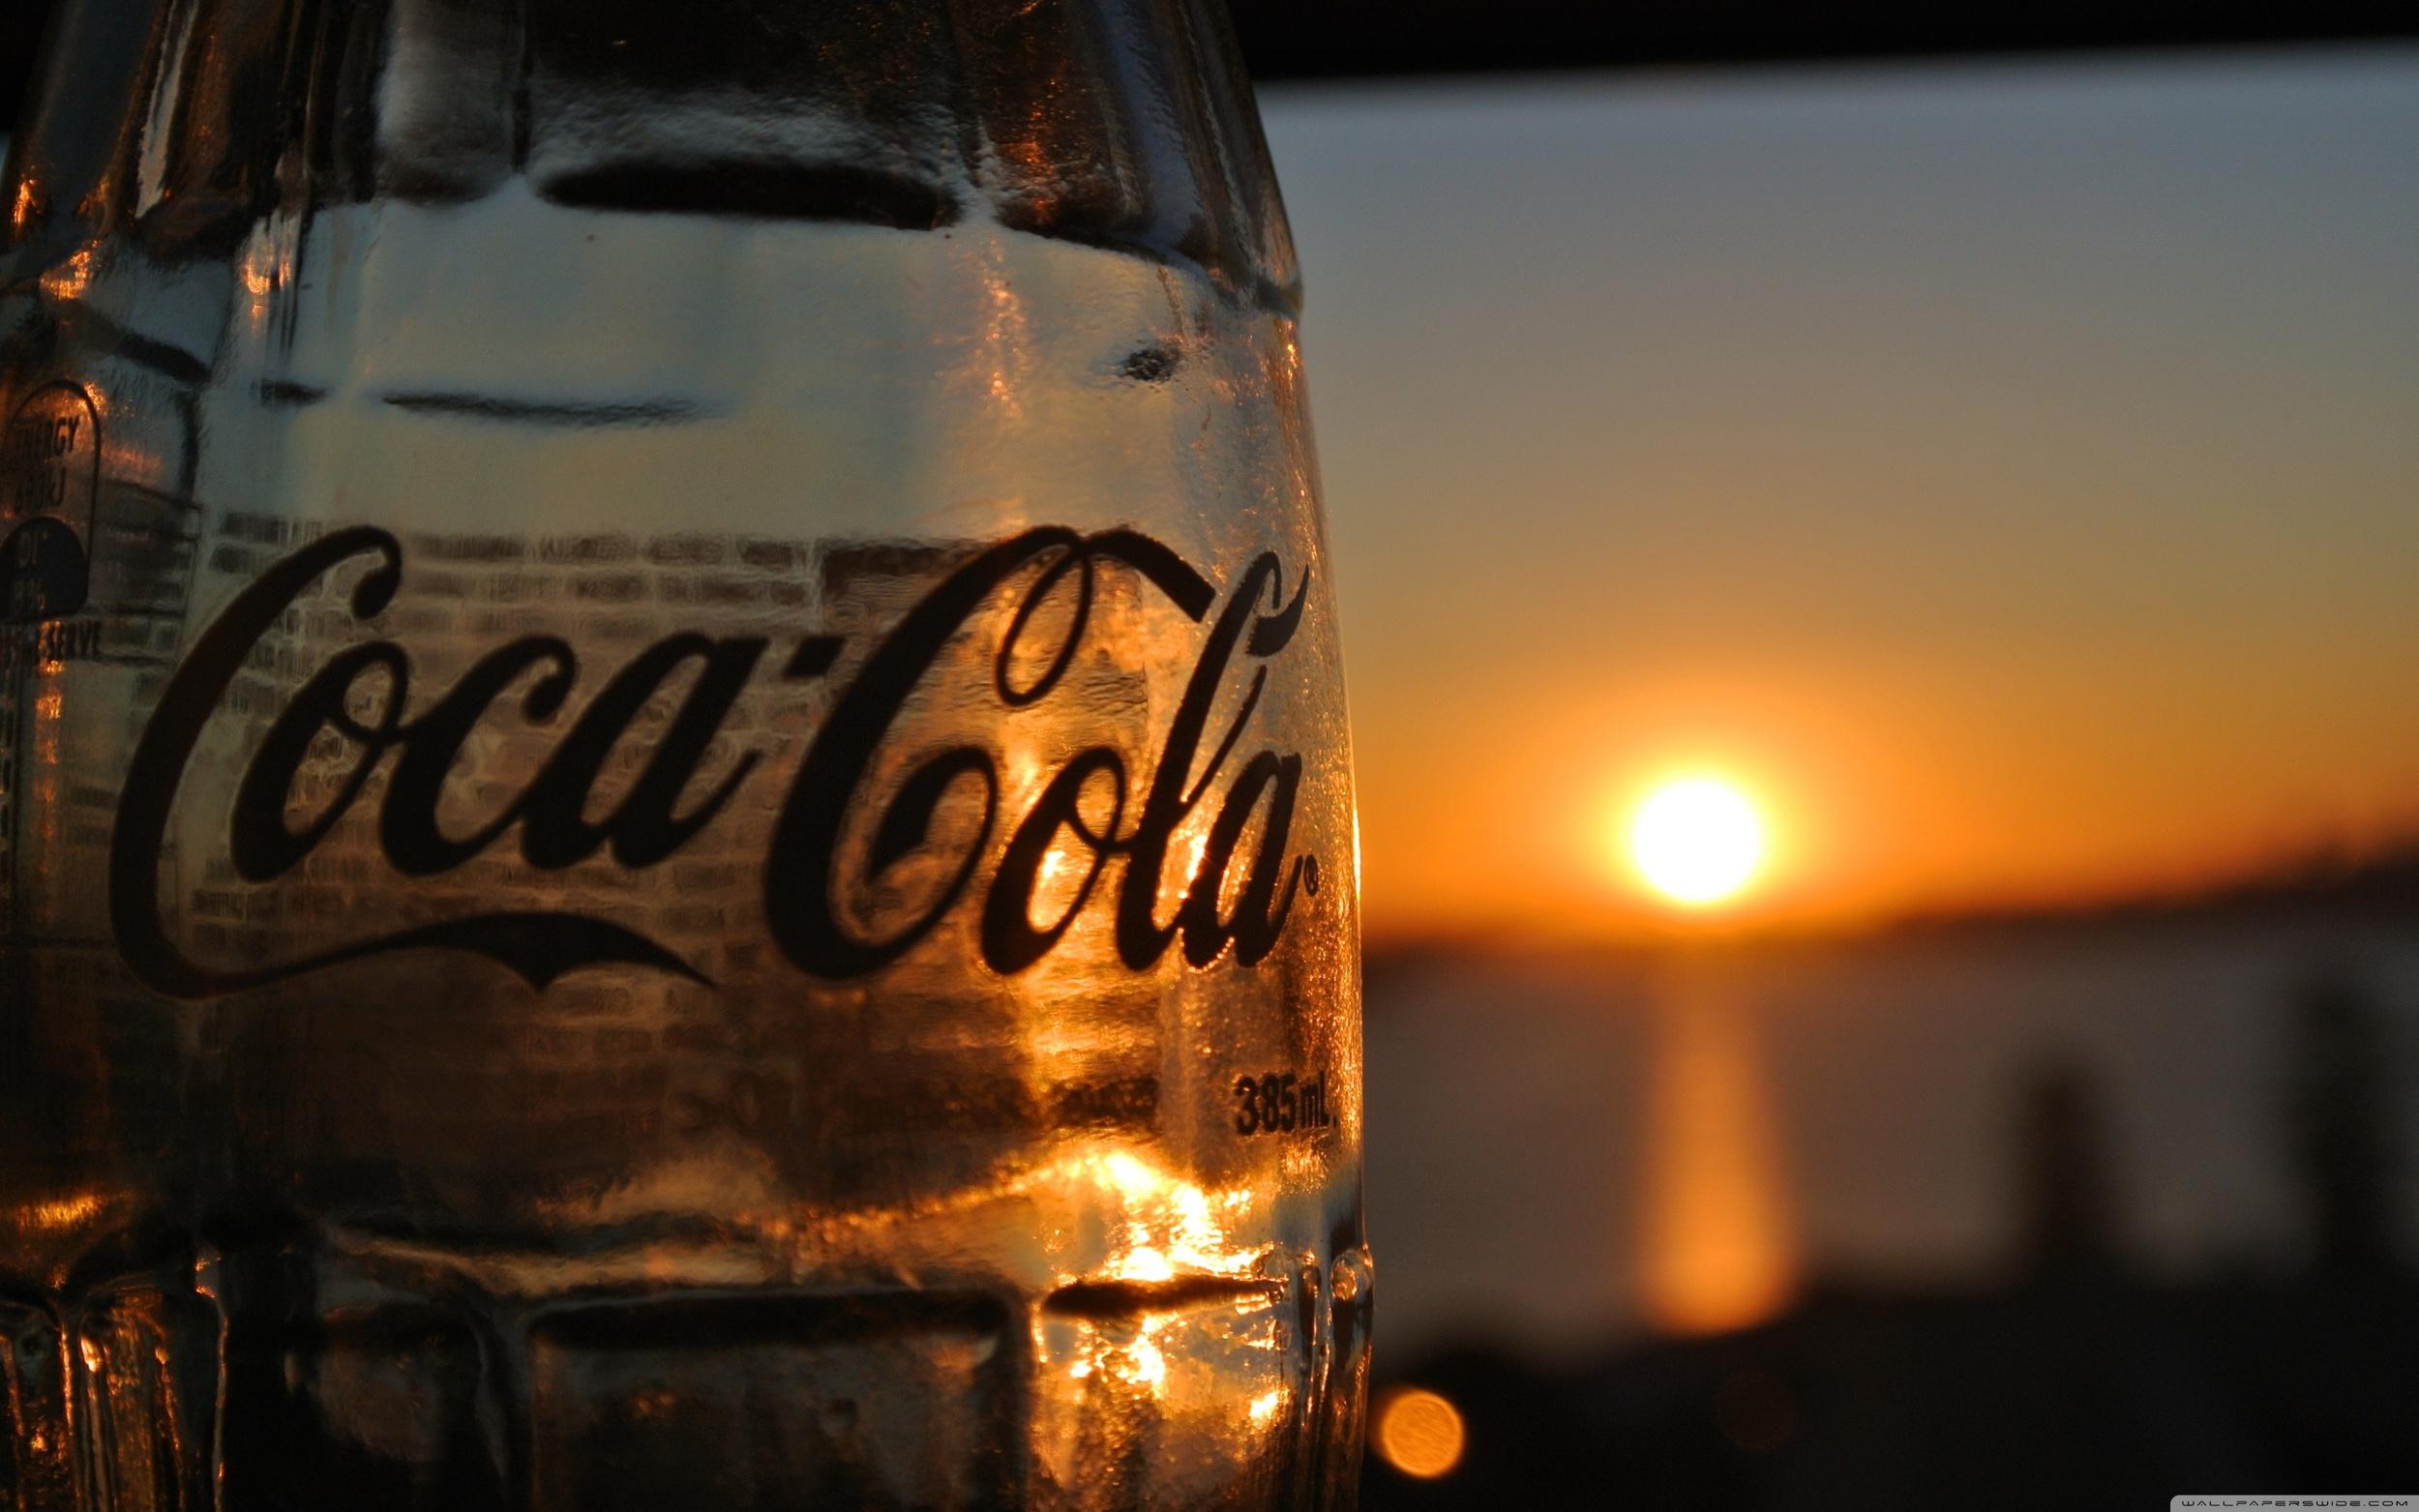 glass_coke_sunset-wallpaper-3840x2400.jpg